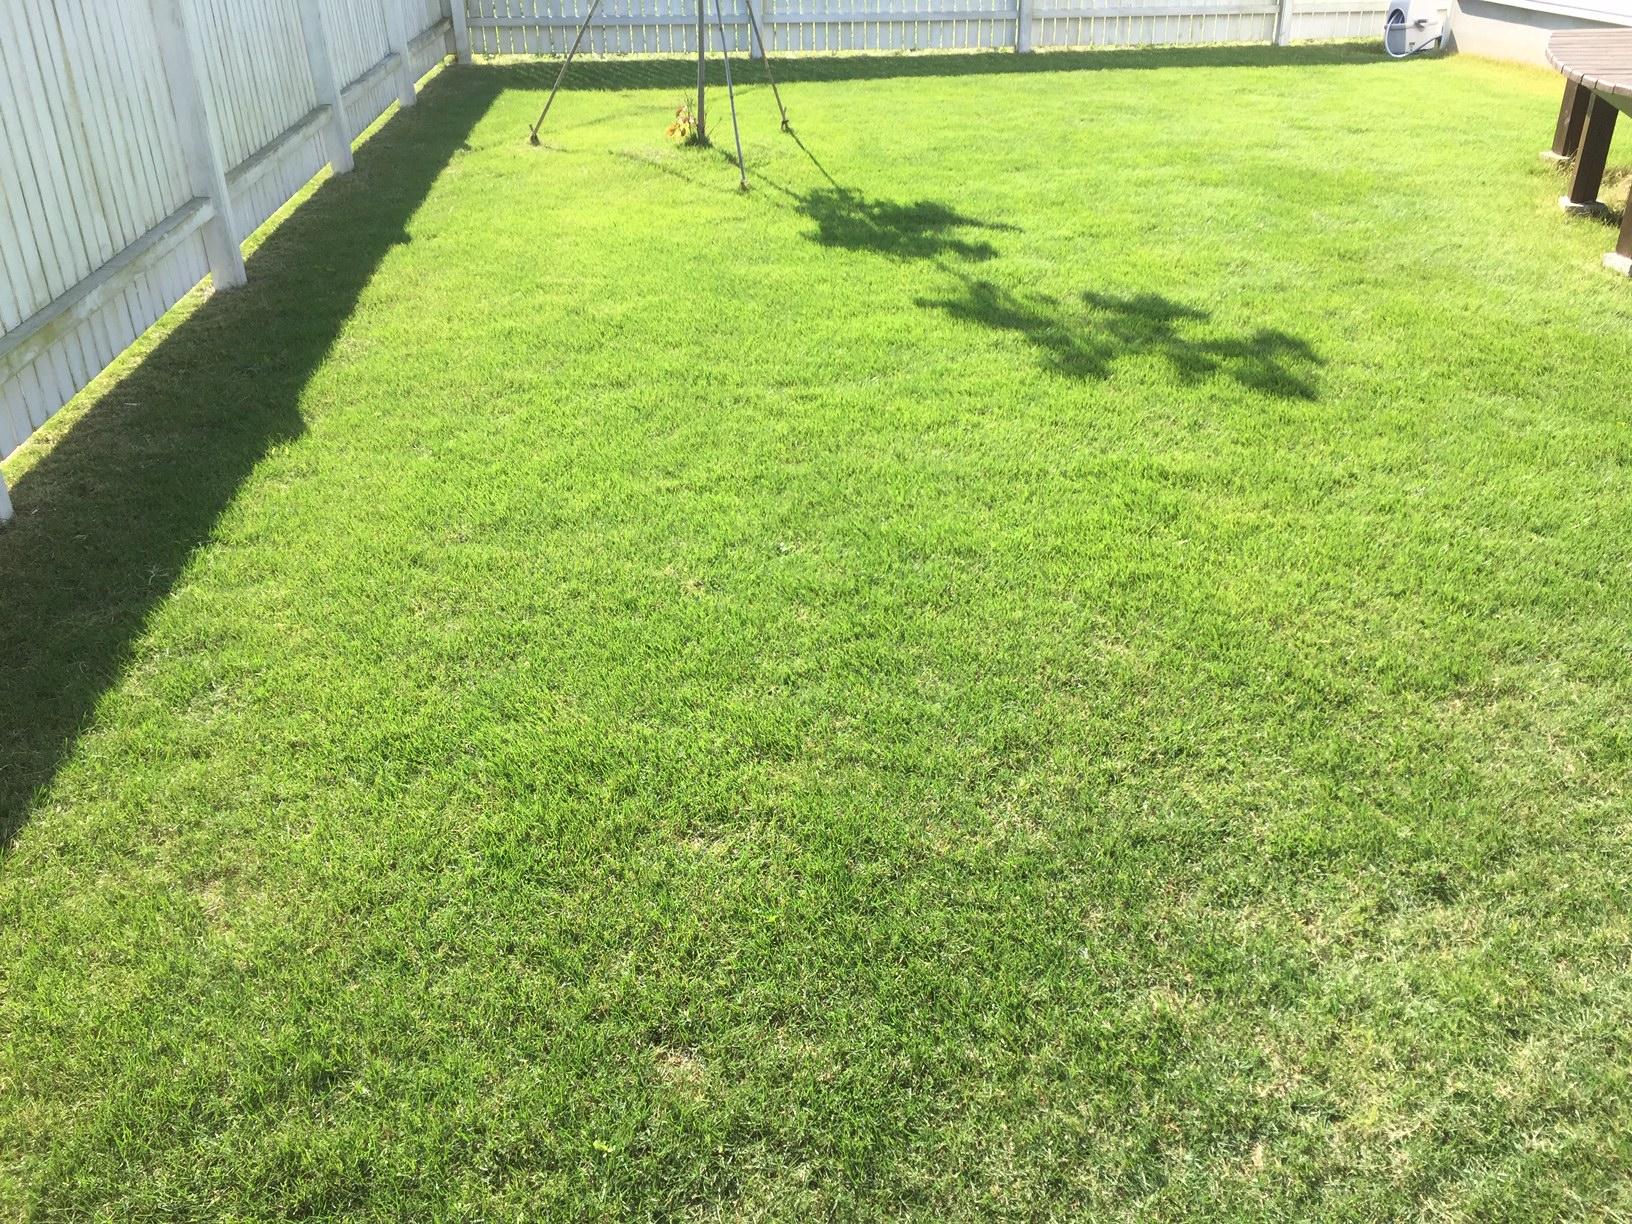 2019.05.22 芝生の状況(芝刈り・水やり)